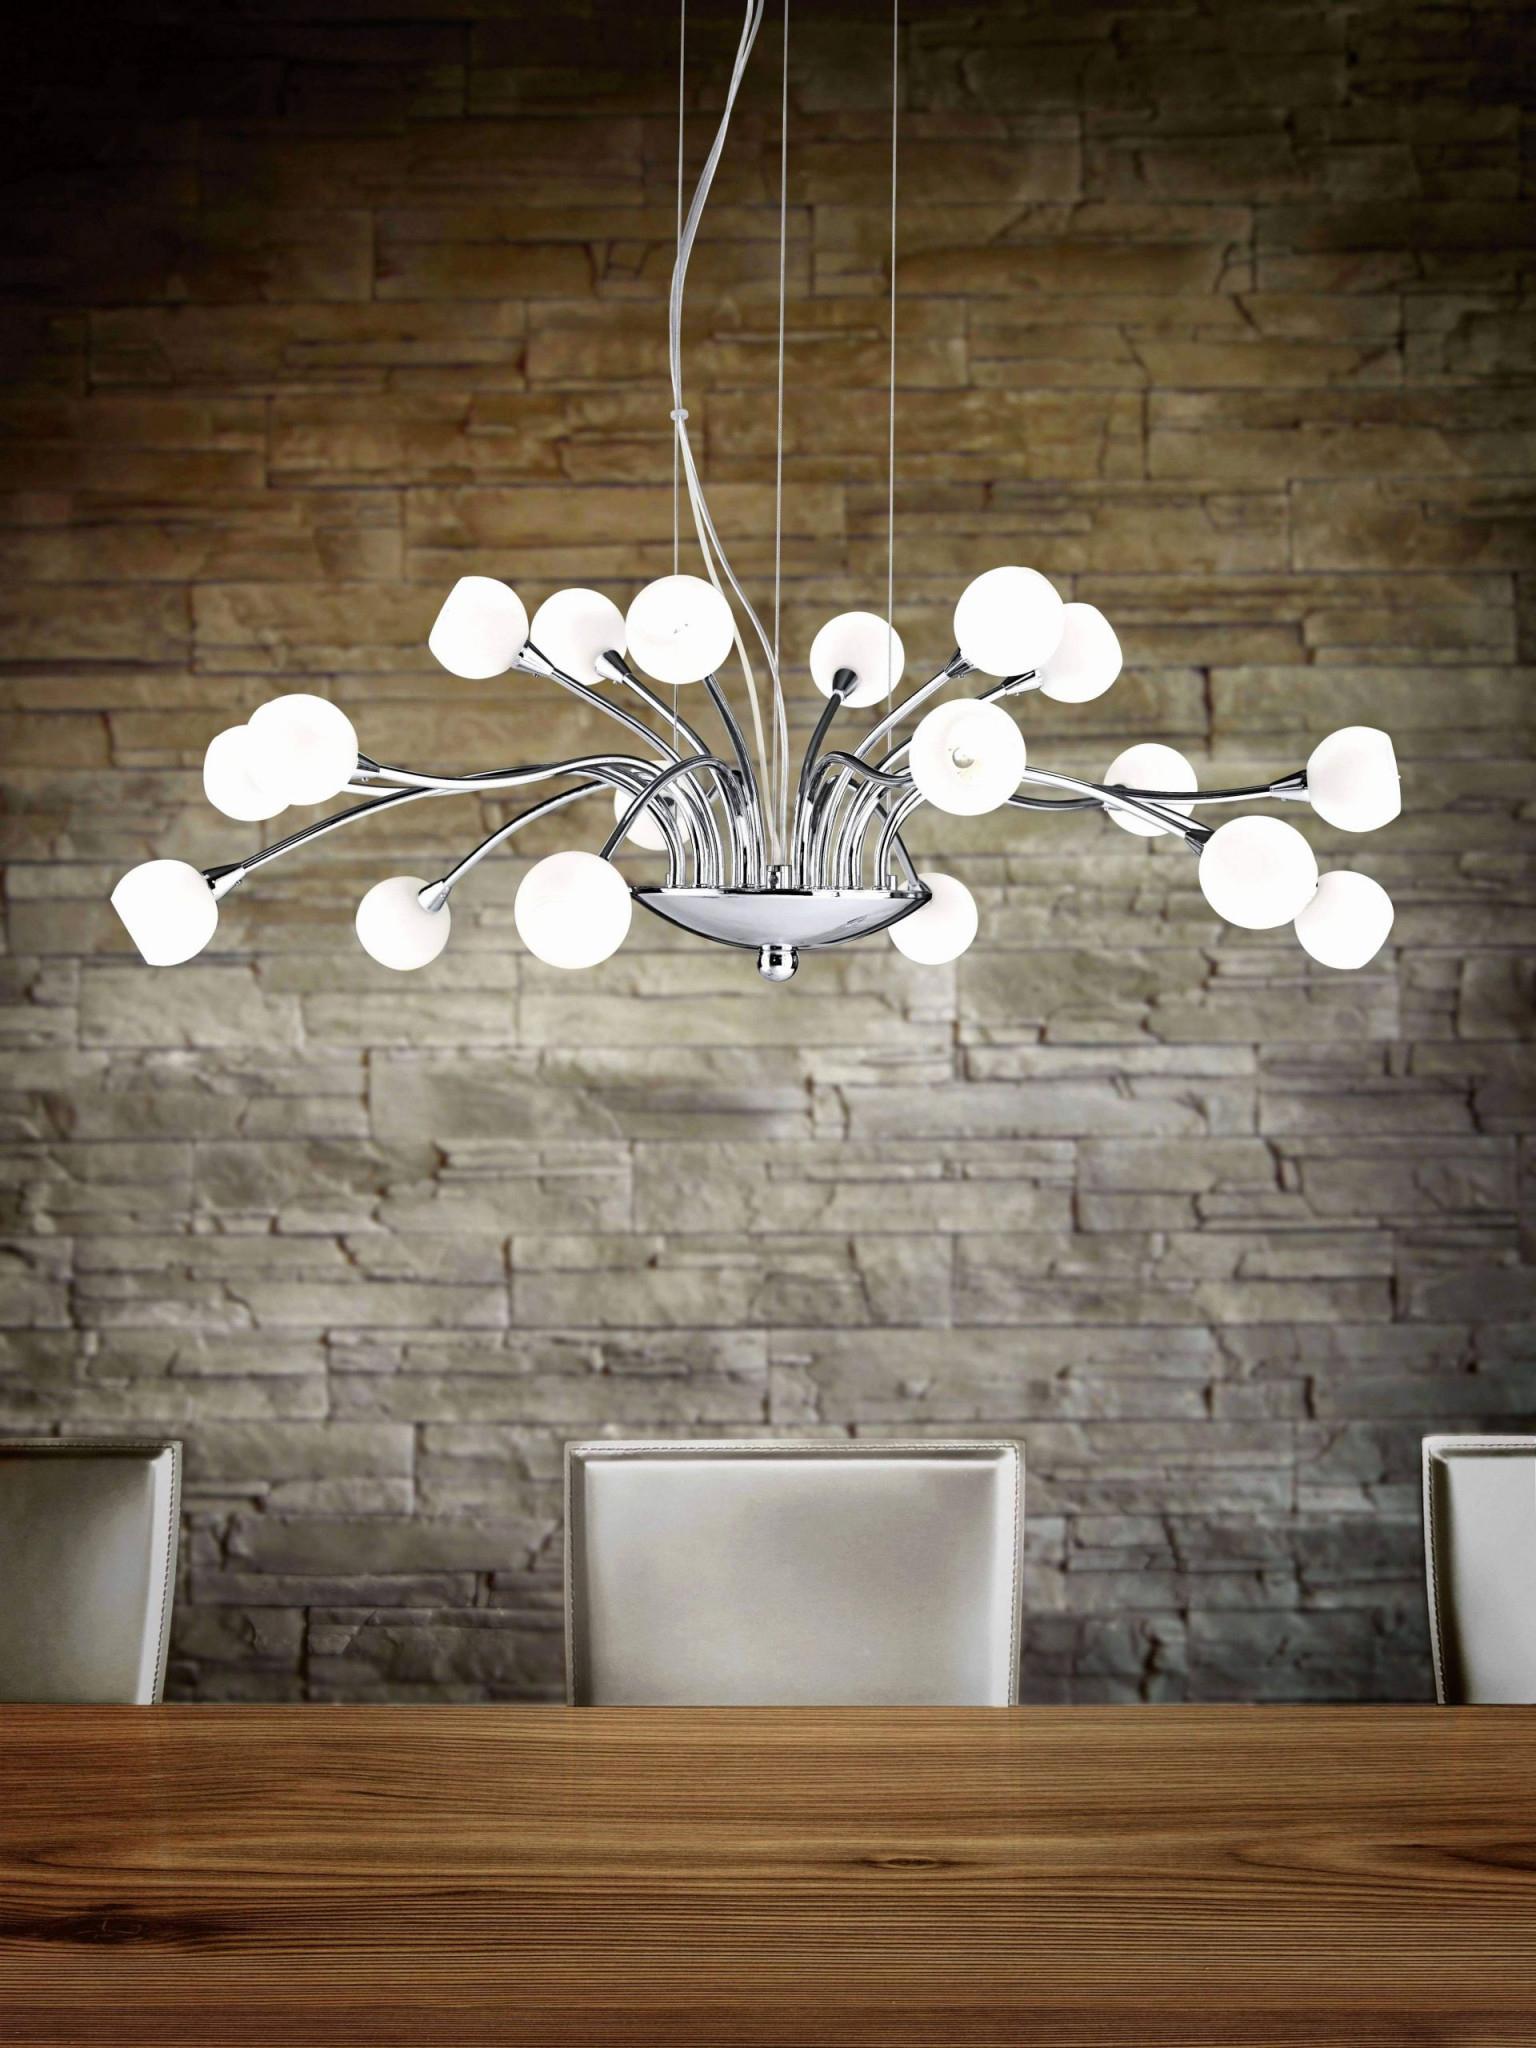 29 Einzigartig Wohnzimmer Lampe Modern Elegant  Wohnzimmer von Moderne Deckenlampe Wohnzimmer Bild